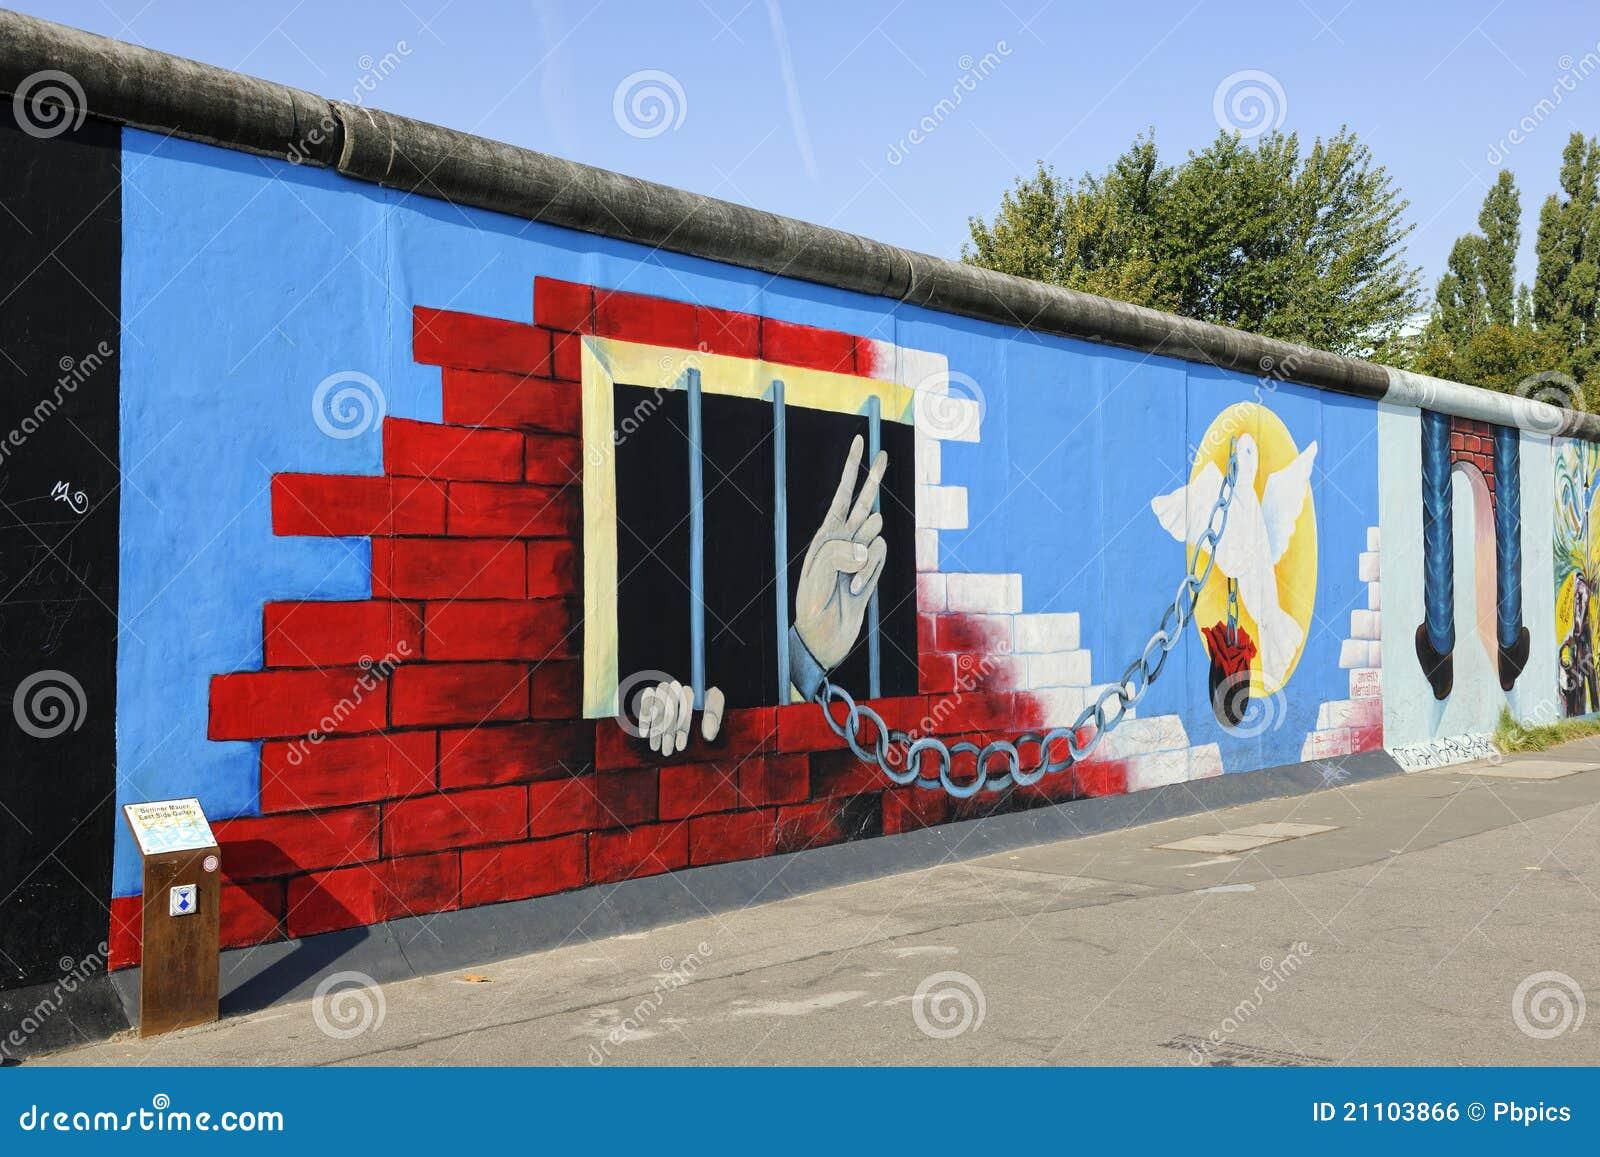 Graffiti op de muur van berlijn bij het zijalbum van het oosten redactionele foto afbeelding - Muur van de ingang ...